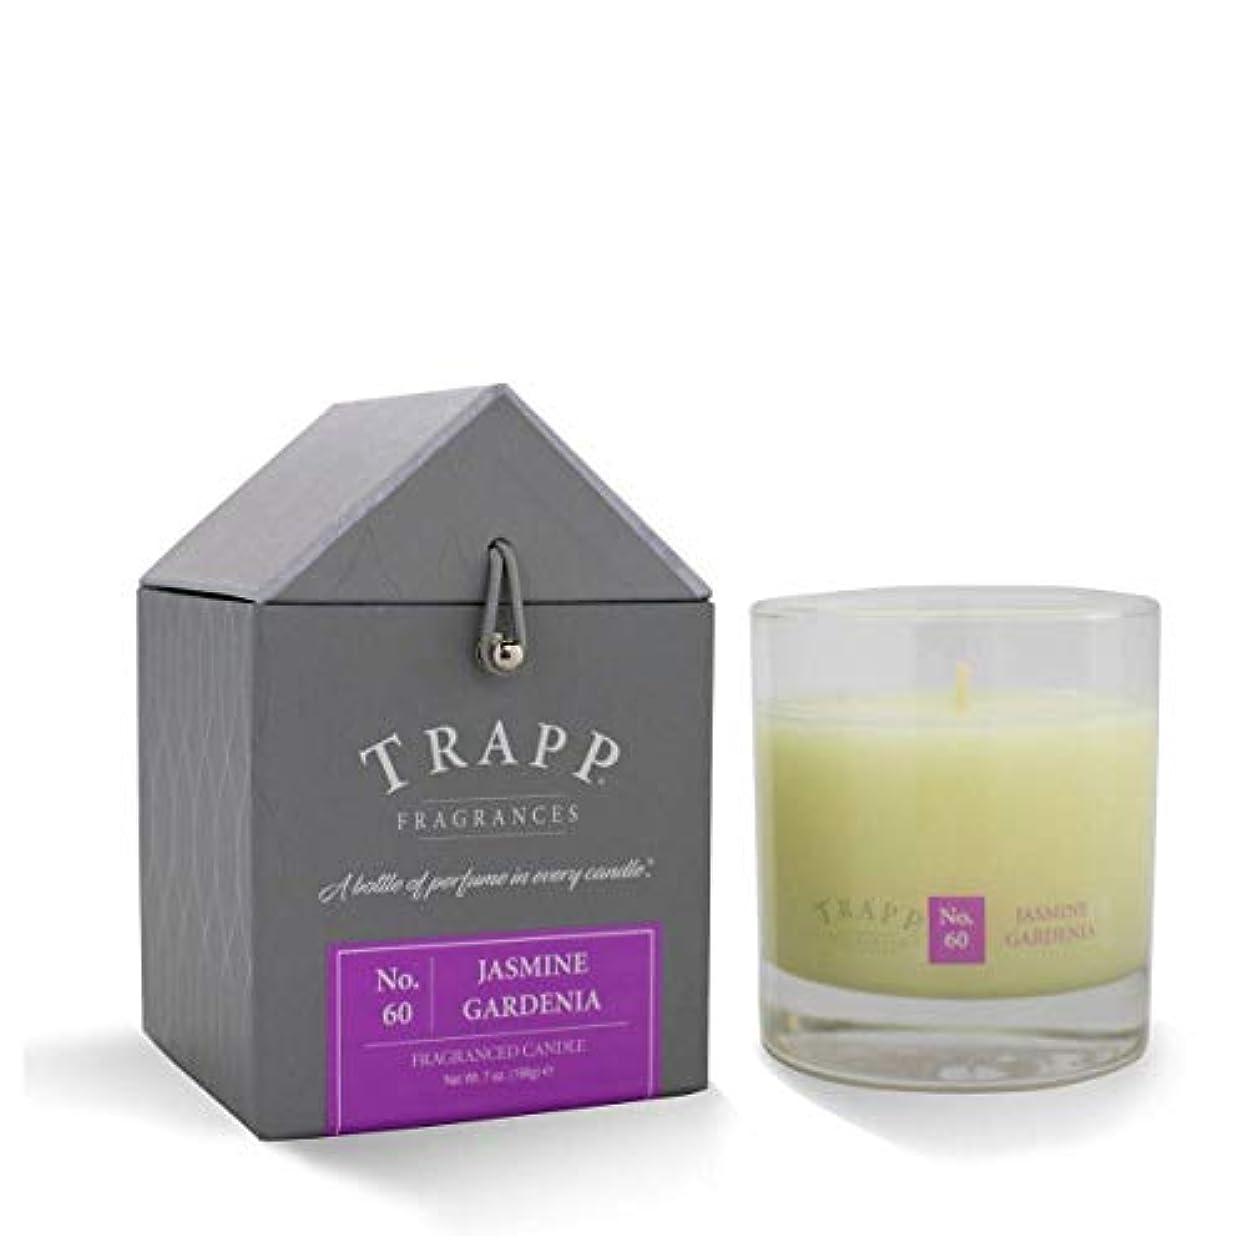 かりて枢機卿賛美歌(Jasmine Gardenia) - Trapp Large Poured Candle 60 Jasmine Gardenia (210ml)